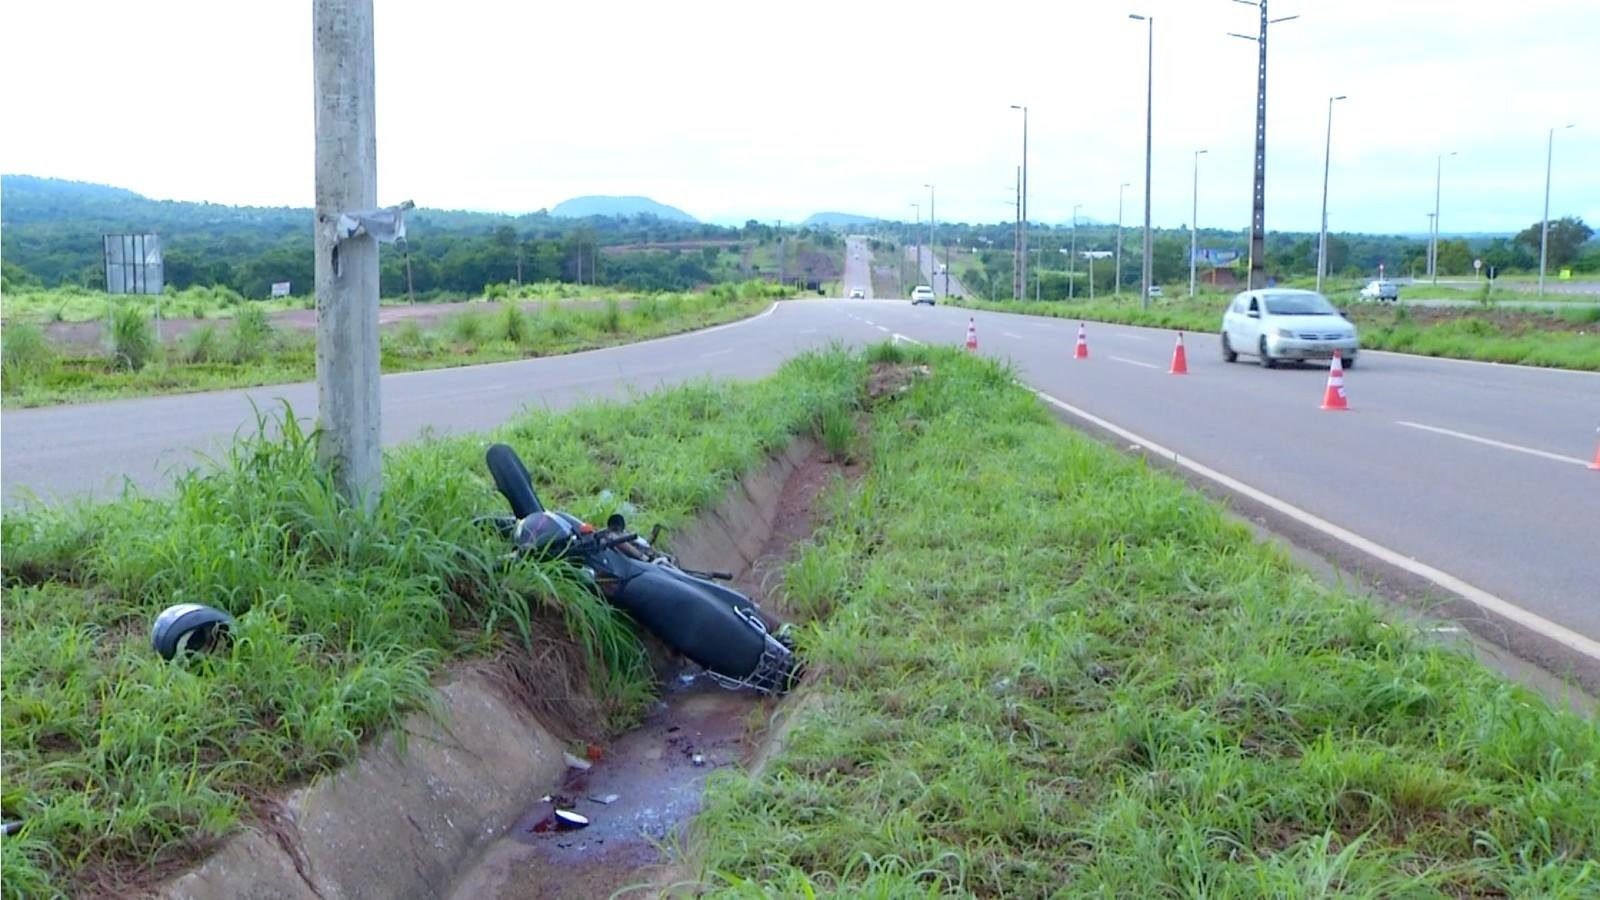 Motociclista que voltava do trabalho morre após atingir poste na BR-010